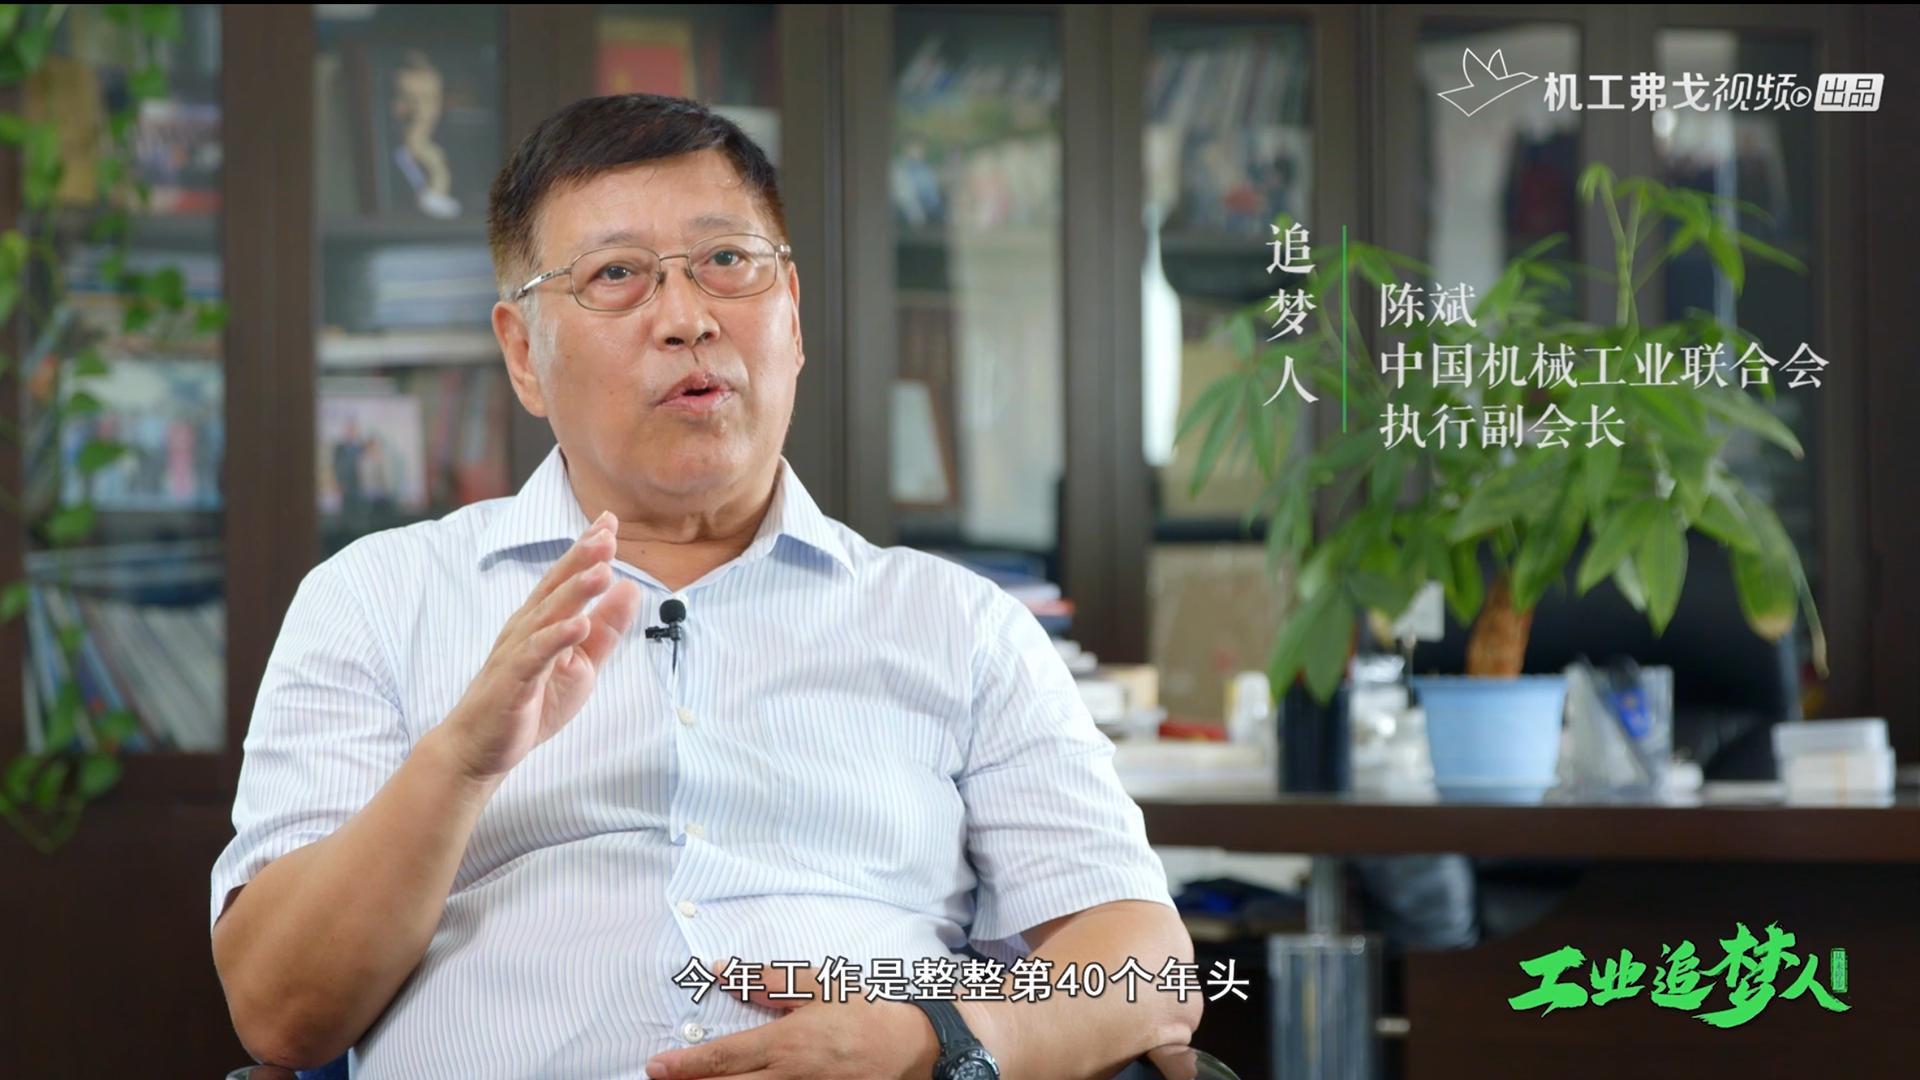 【工业追梦人】满怀激情 御风而行—陈斌先生